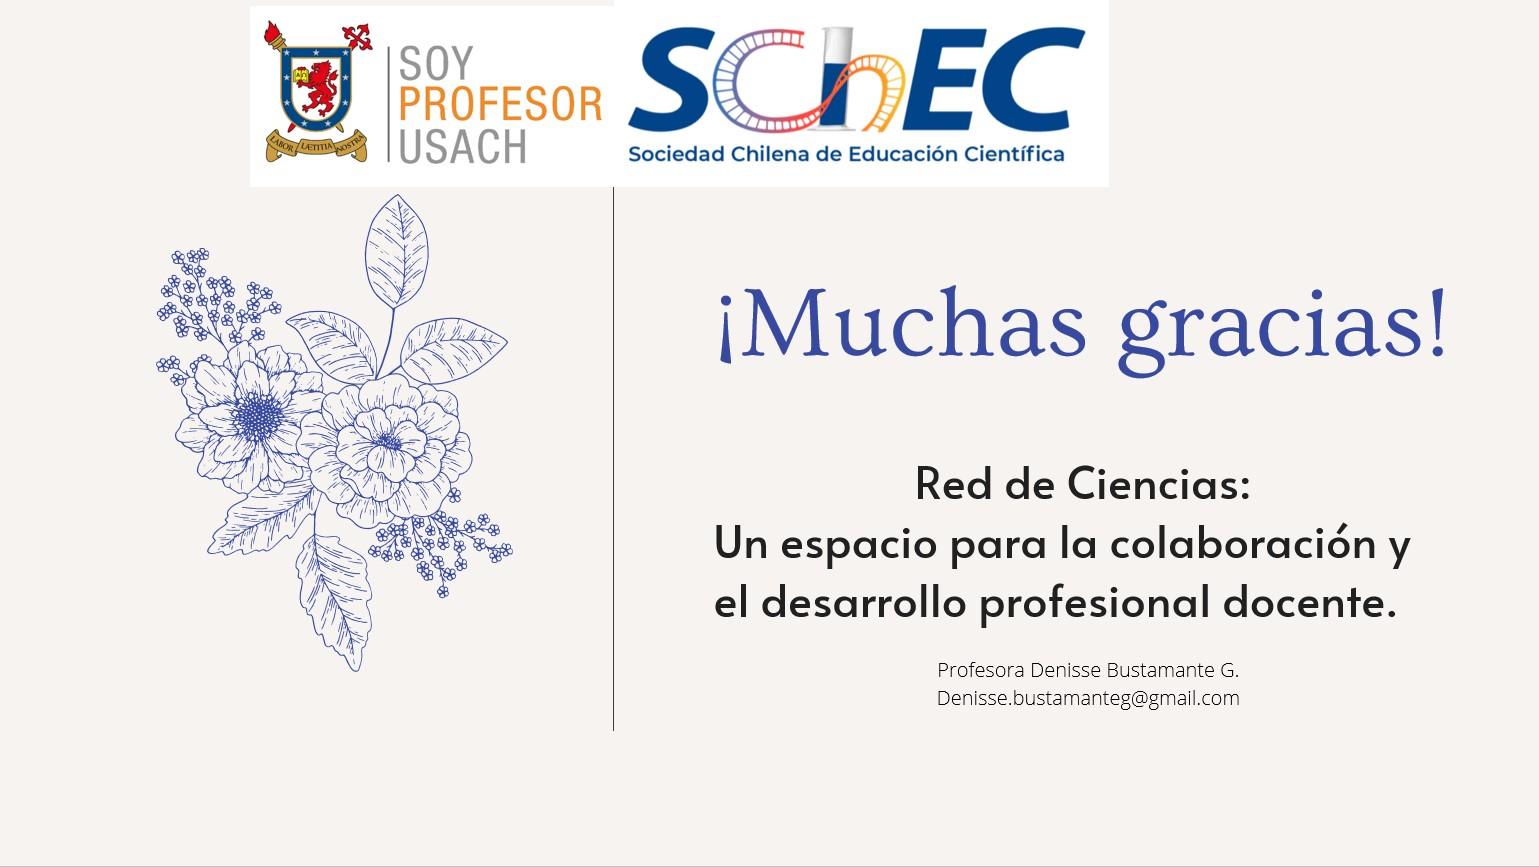 Red de Ciencias: Un espacio para la colaboración y el desarrollo profesional docente